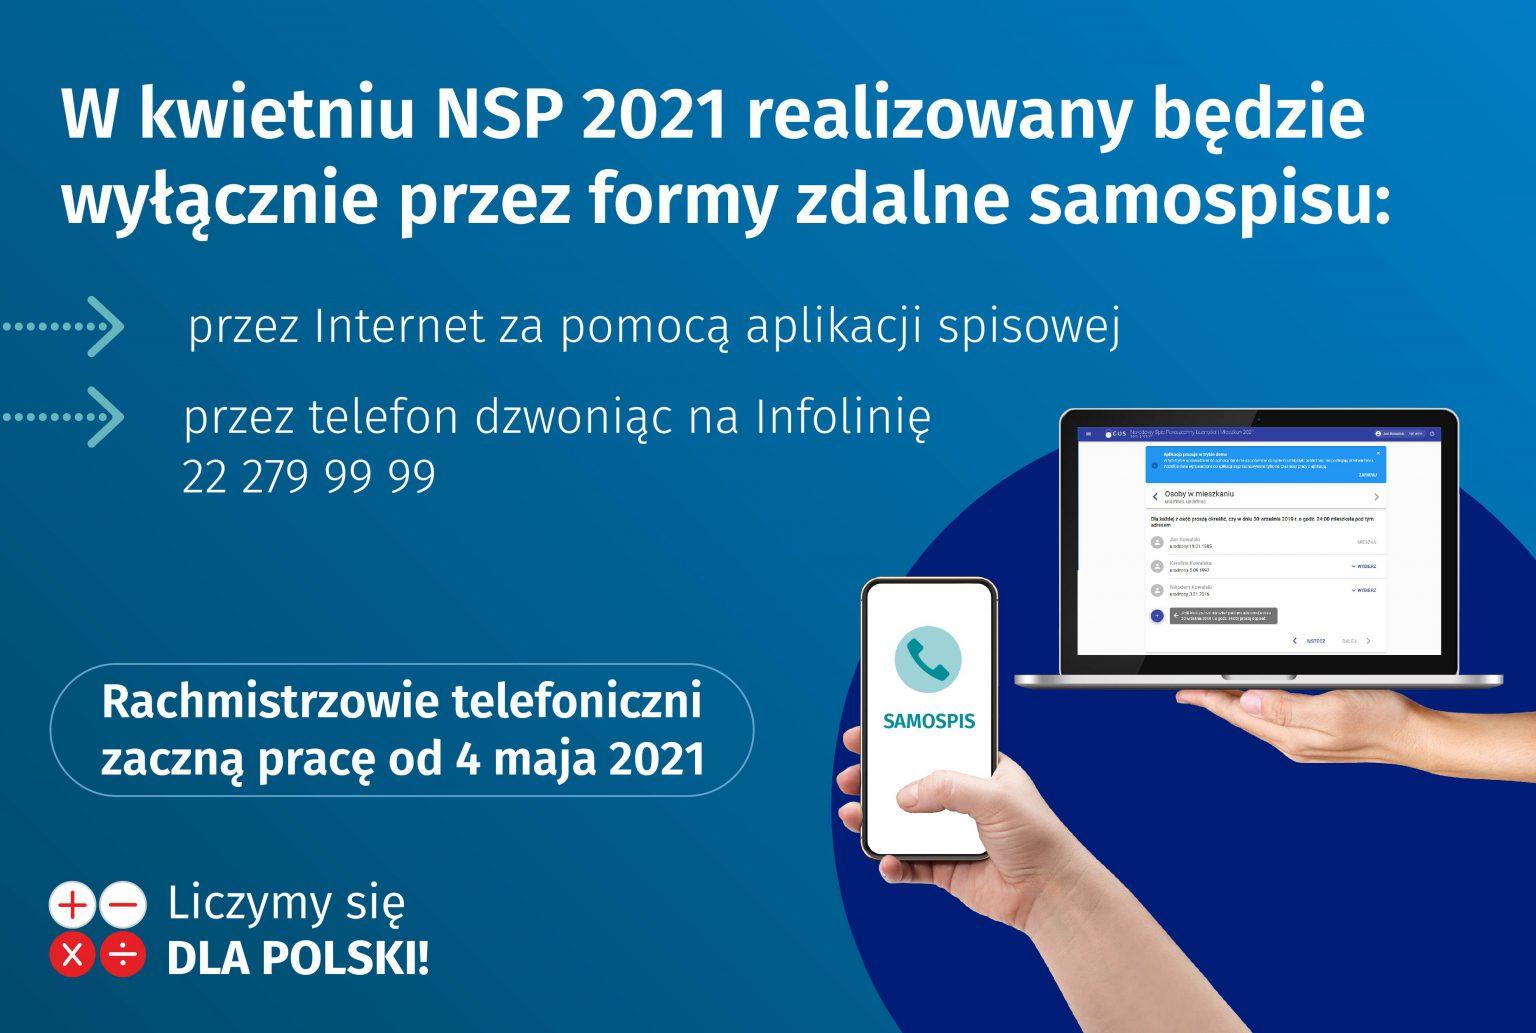 http://m.82-200.pl/2021/04/orig/samospis-kwiecien-strona-04-1536x1033-6965.jpg